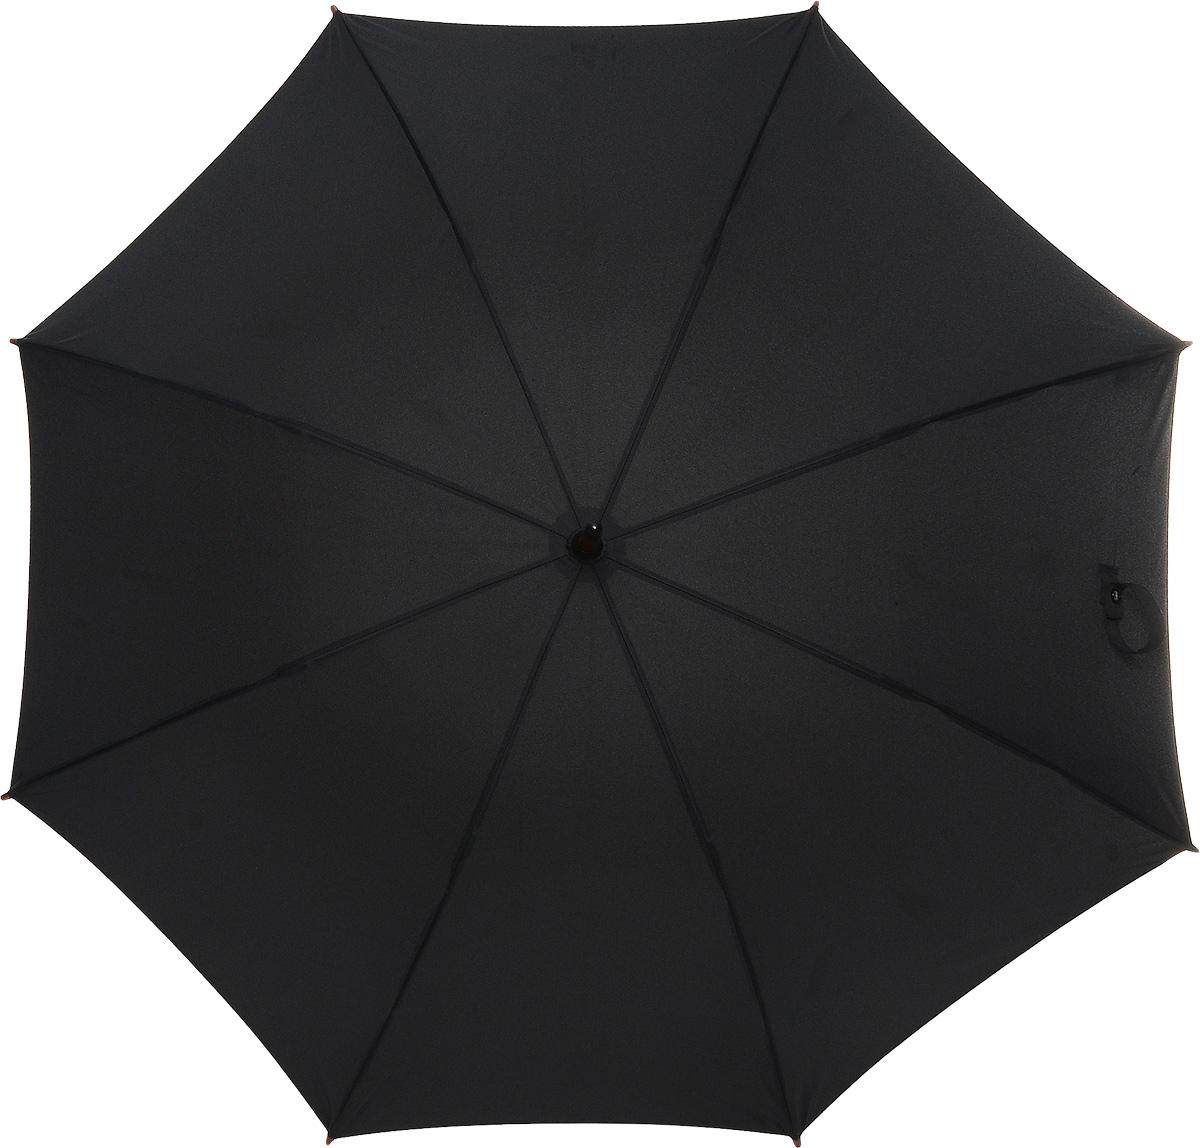 Зонт-трость женский Fulton Kensington, механический, цвет: черный. L776-01L776-01 BlackМодный механический зонт-трость Fulton Kensington даже в ненастную погоду позволит вам оставаться стильной и элегантной. Каркас зонта состоит из 8 спиц и стержня из фибергласса. Купол зонта выполнен из прочного полиэстера. Изделие оснащено удобной рукояткой из дерева. Зонт механического сложения: купол открывается и закрывается вручную до характерного щелчка. Модель закрывается при помощи двух хлястиков на кнопках. Такой зонт не только надежно защитит вас от дождя, но и станет стильным аксессуаром, который идеально подчеркнет ваш неповторимый образ.